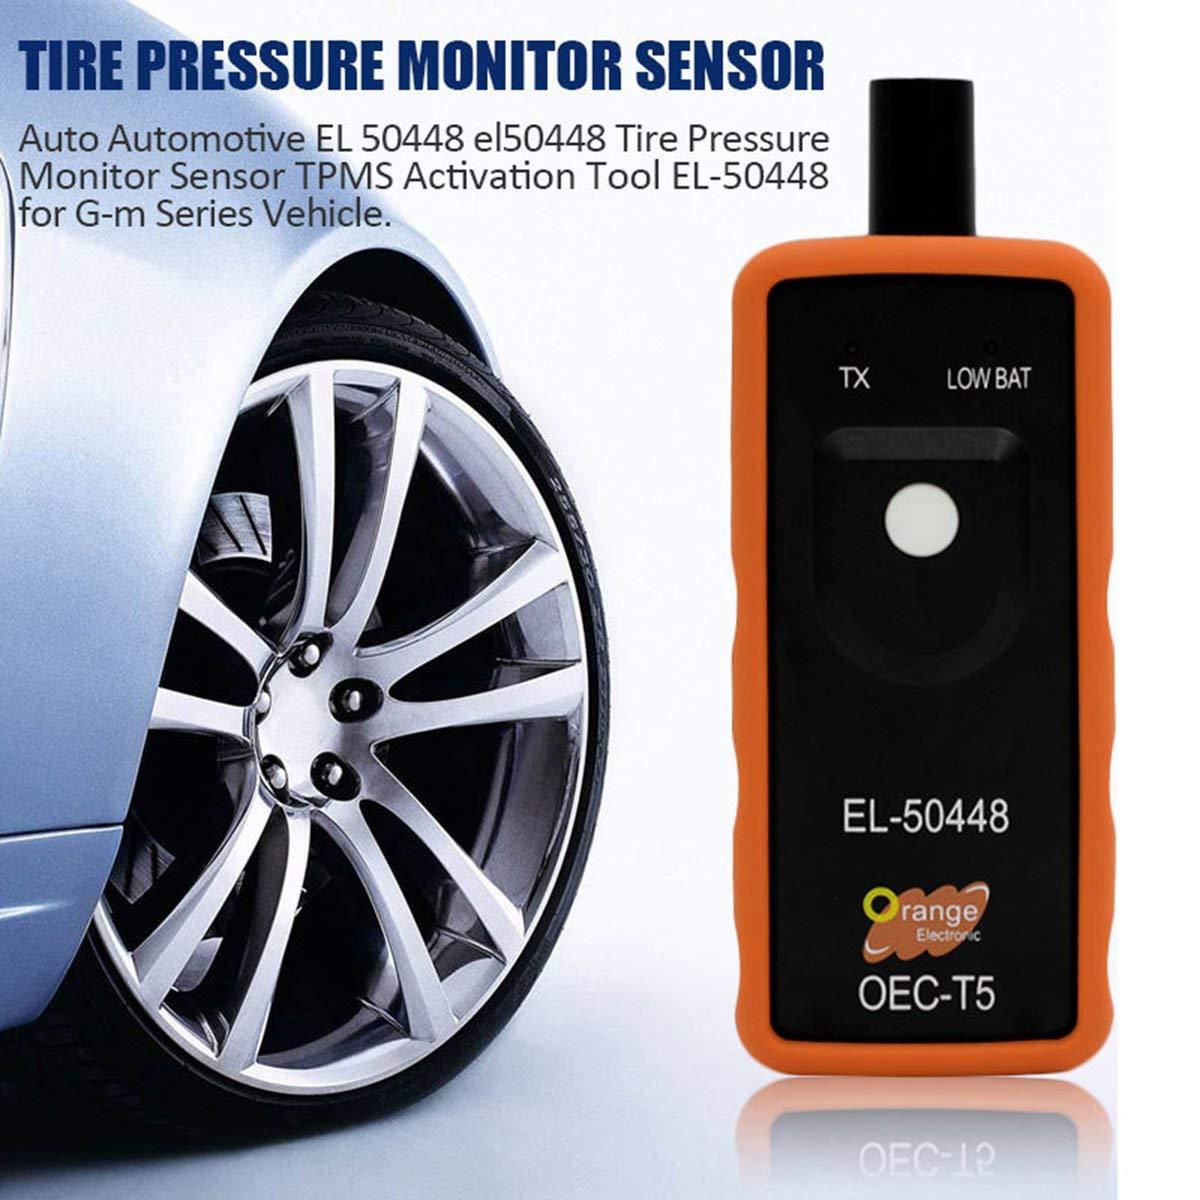 Gugutogo El-50448 Car Auto Tire Pressure Monitor Sensor OEC-T5 For GM//Opel TPMS Activation Reset Tool Diagnostic Tools Car Repairing